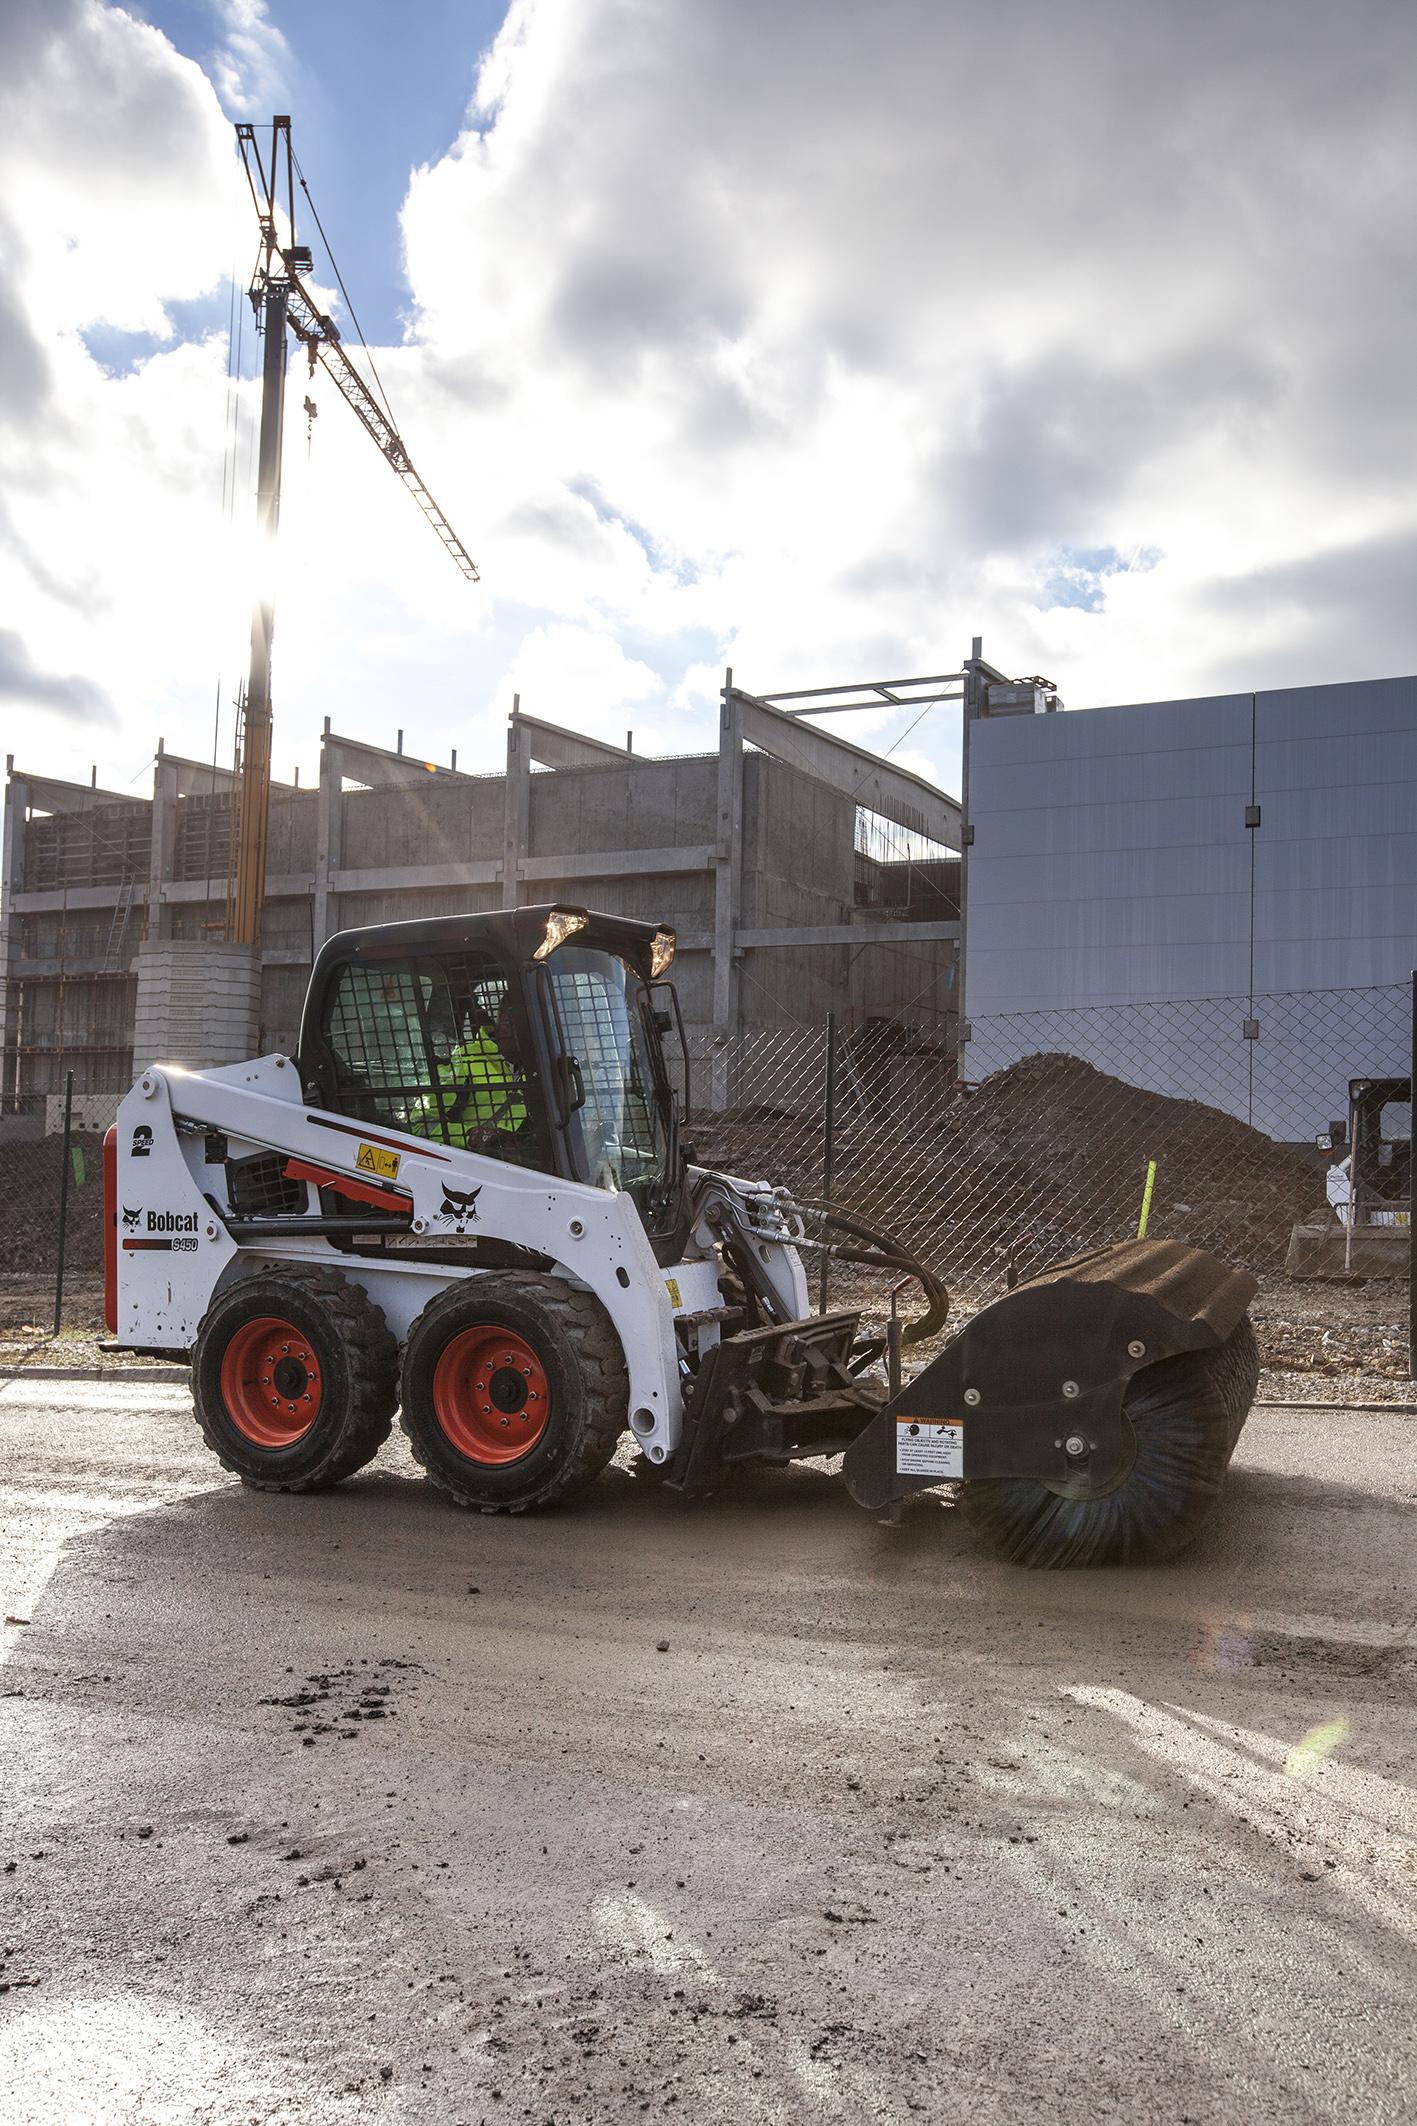 Bobcat przedstawia nową ładowarkę S450 o sterowaniu burtowym